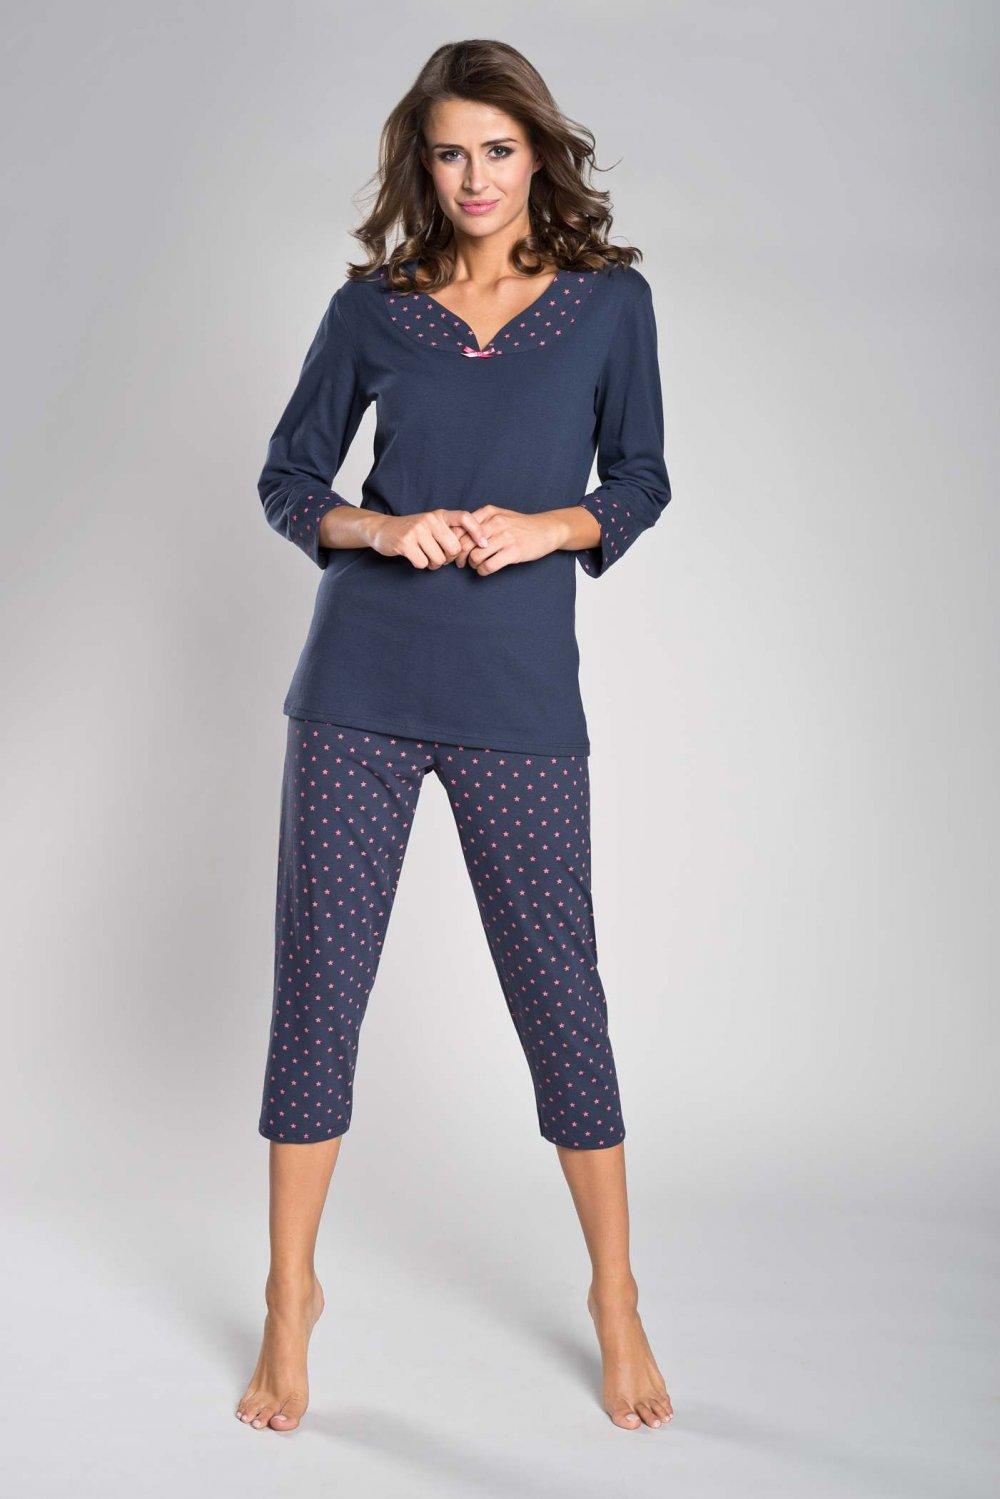 Fashion modni modre sacko s nejrychlej cz for Italian fashion websites